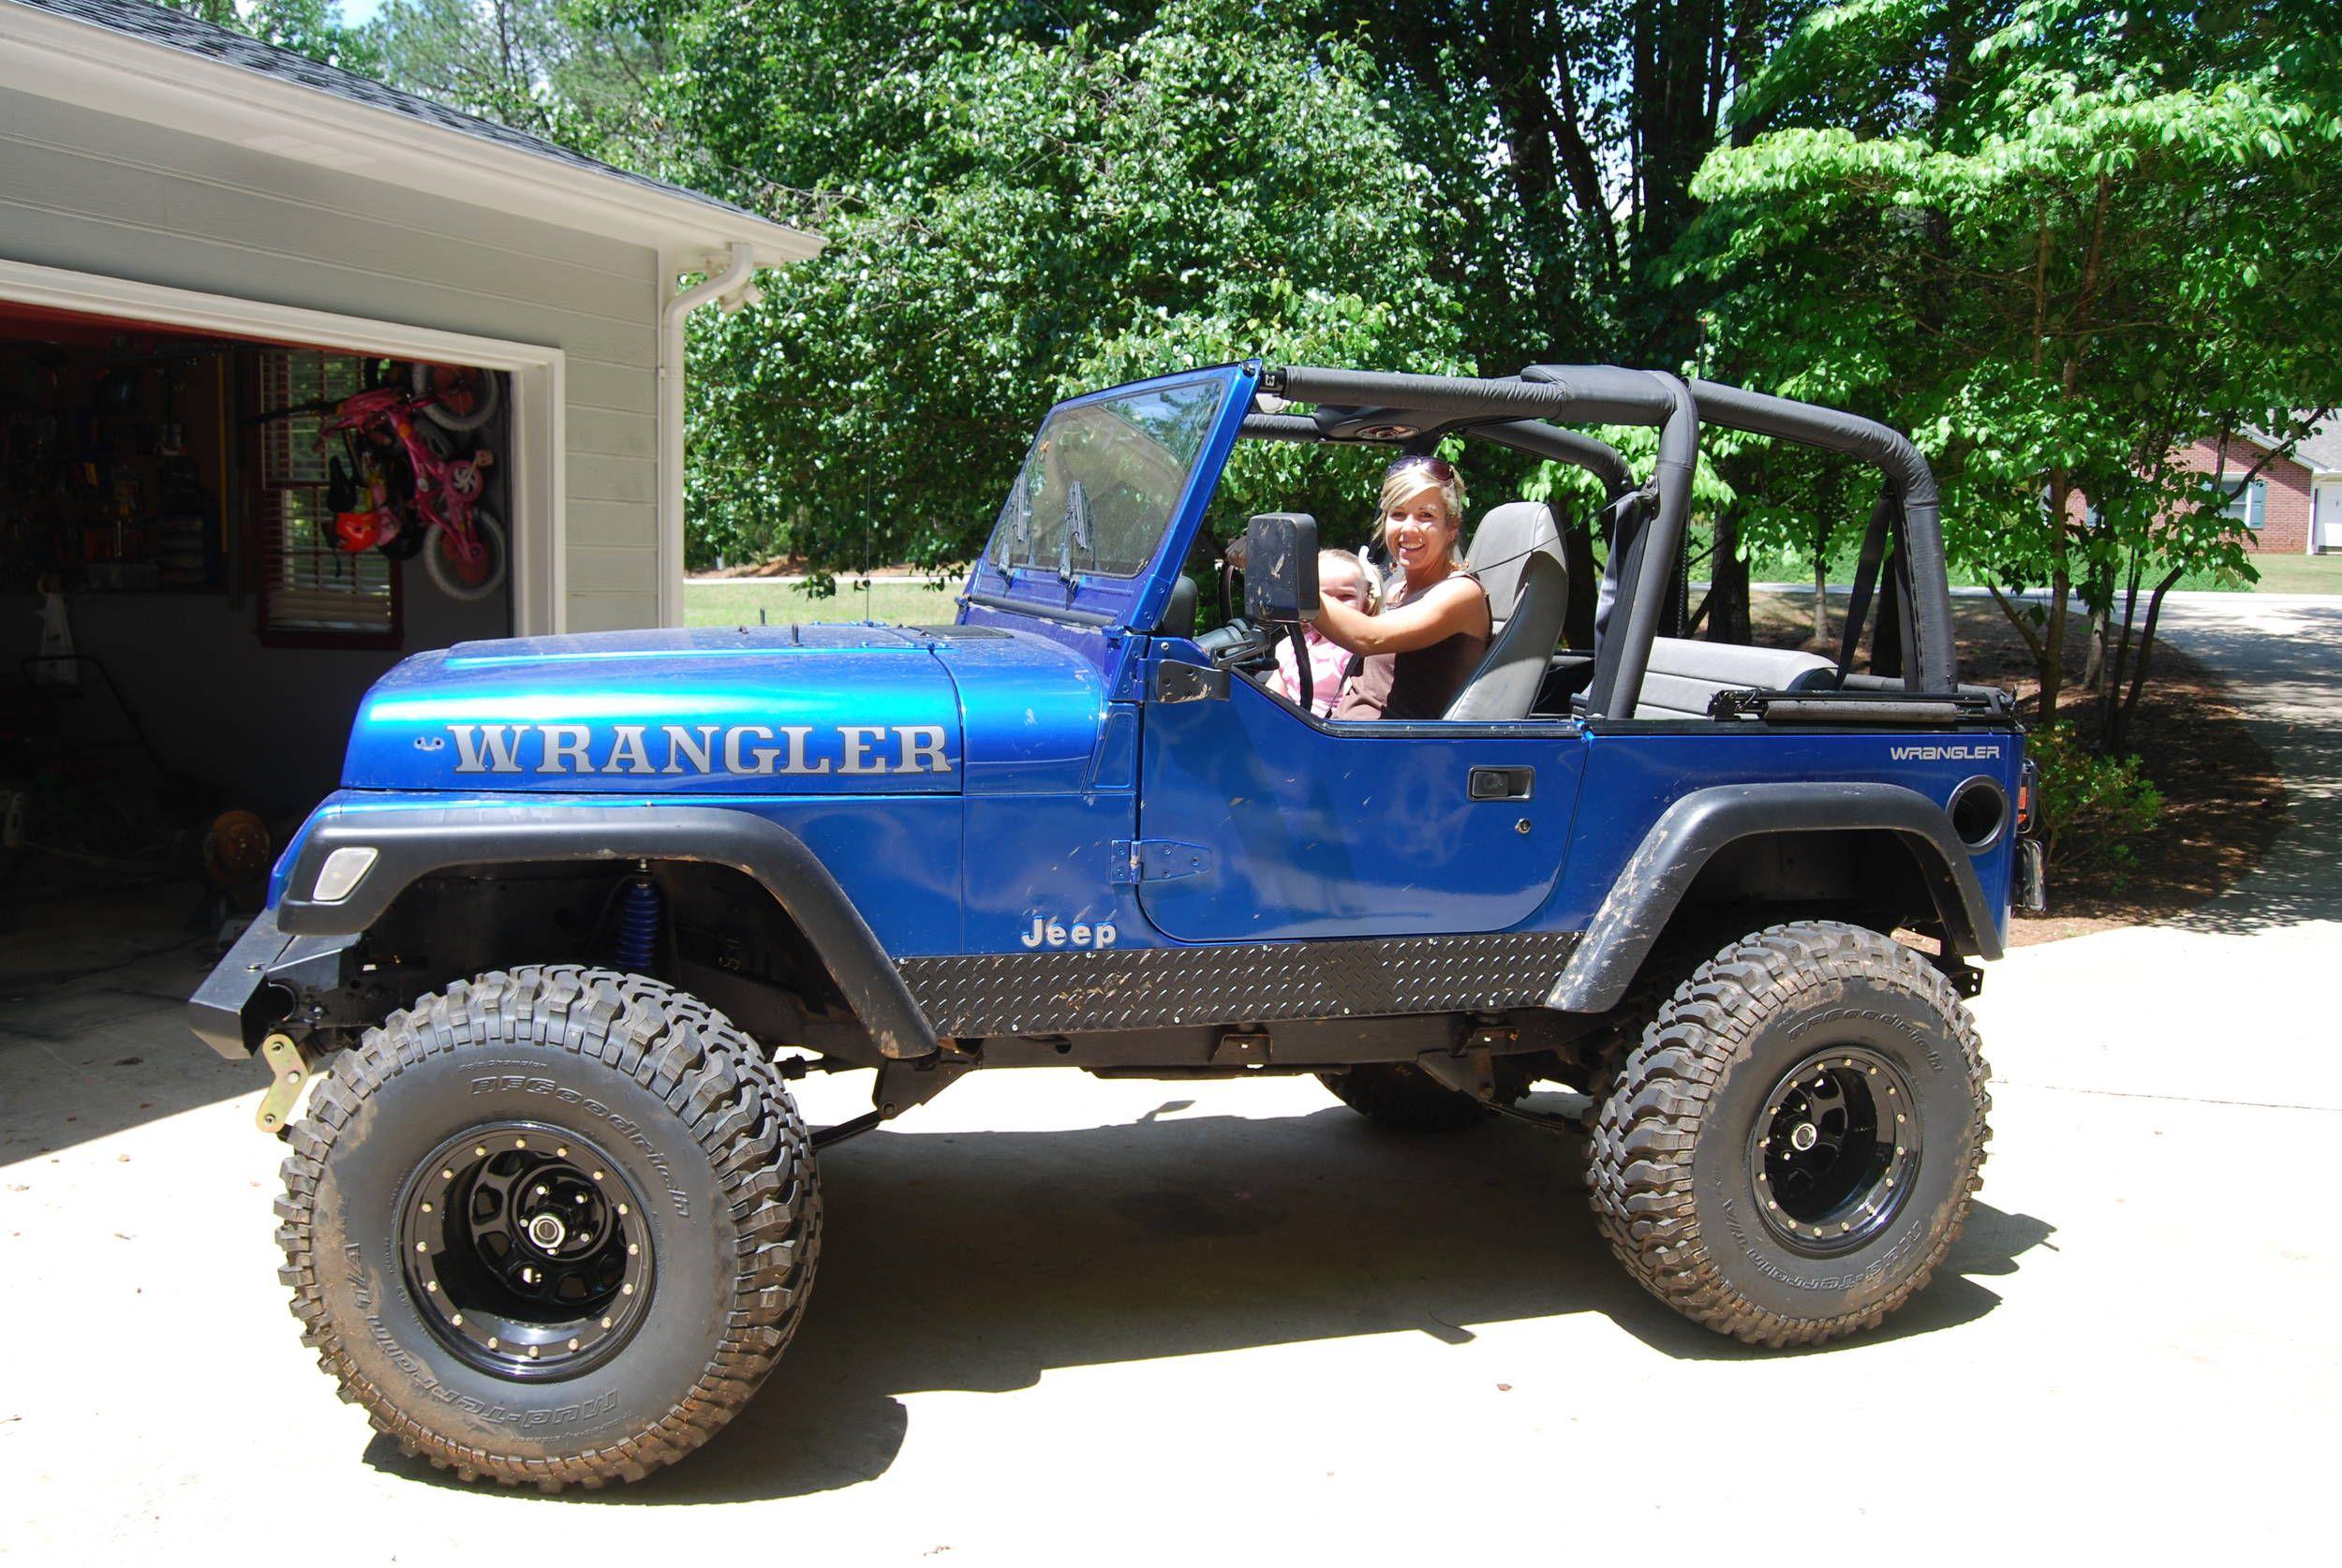 91 Jeep Wrangler 91 Wrangler Yj Jeepforum Com Gallery Jeep Wrangler Yj Jeep Yj Lifted Jeep